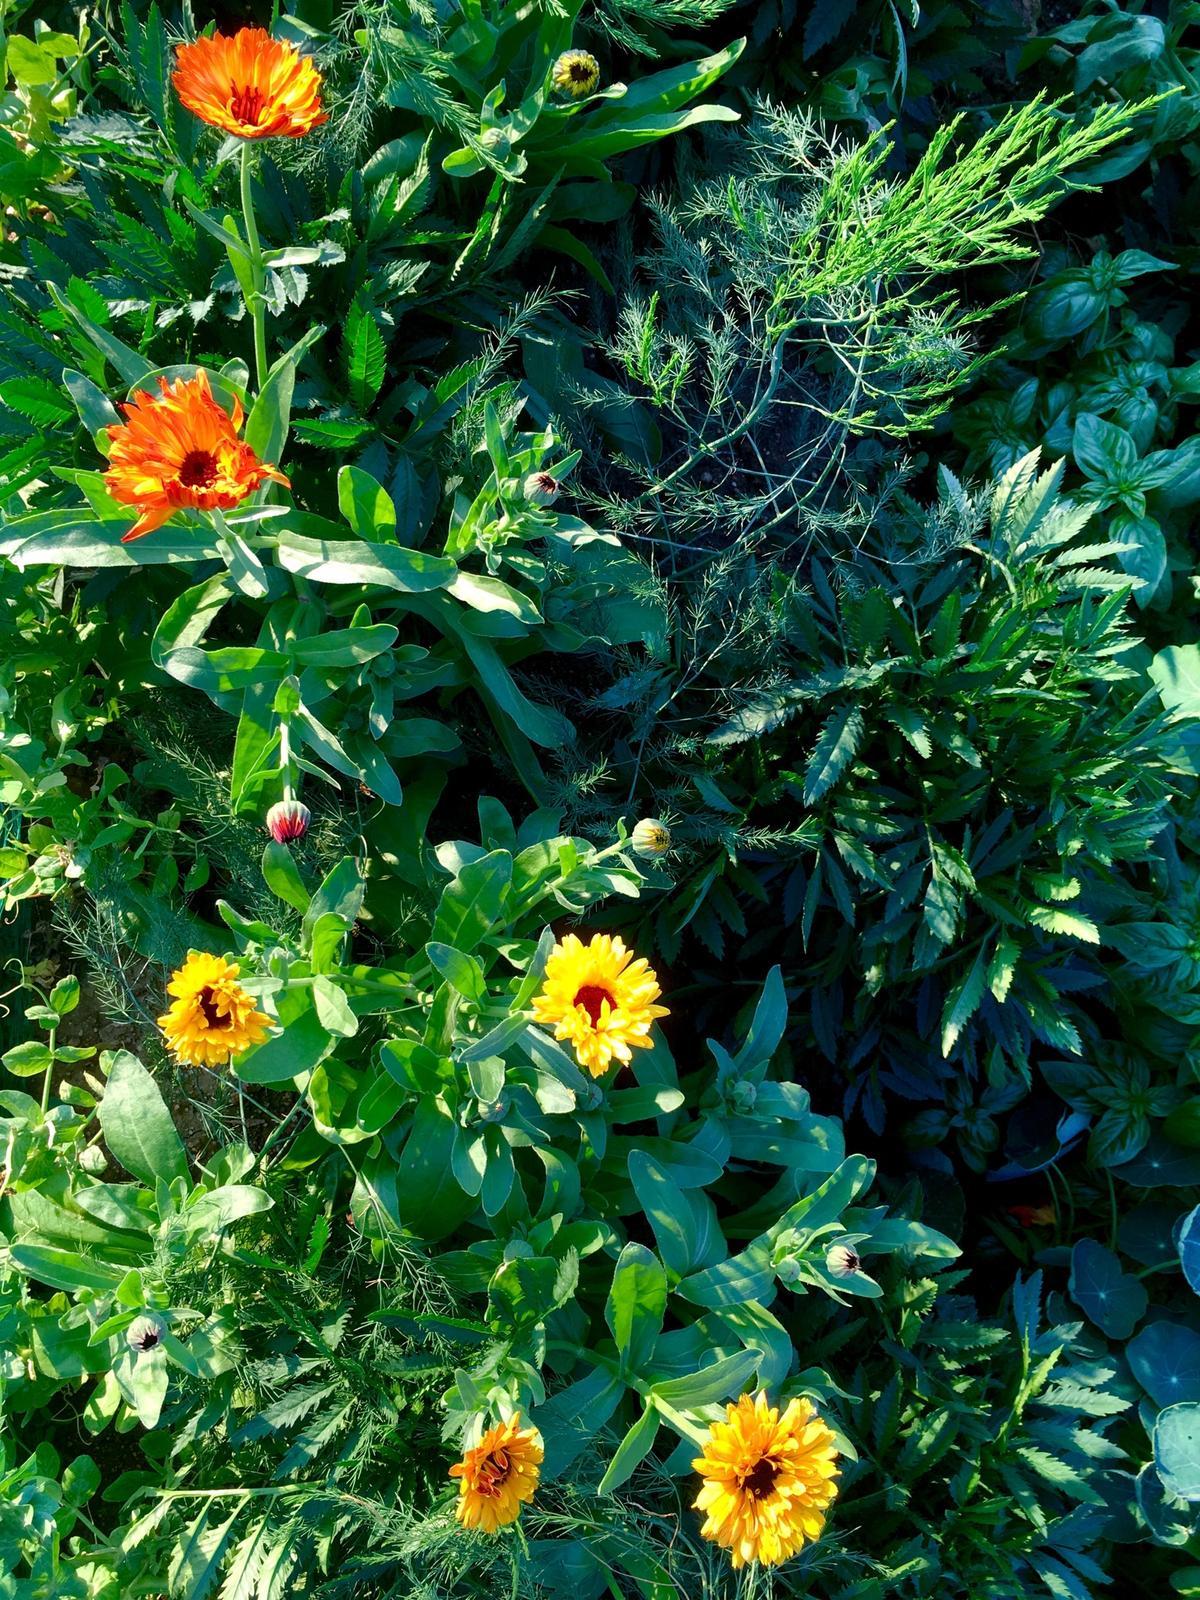 Skřítčí zahrada 2015 - 2020 - Červenec 2019 - kvetoucí měsíčky (Flashback mix) v polykulturním vyvýšeném záhonu